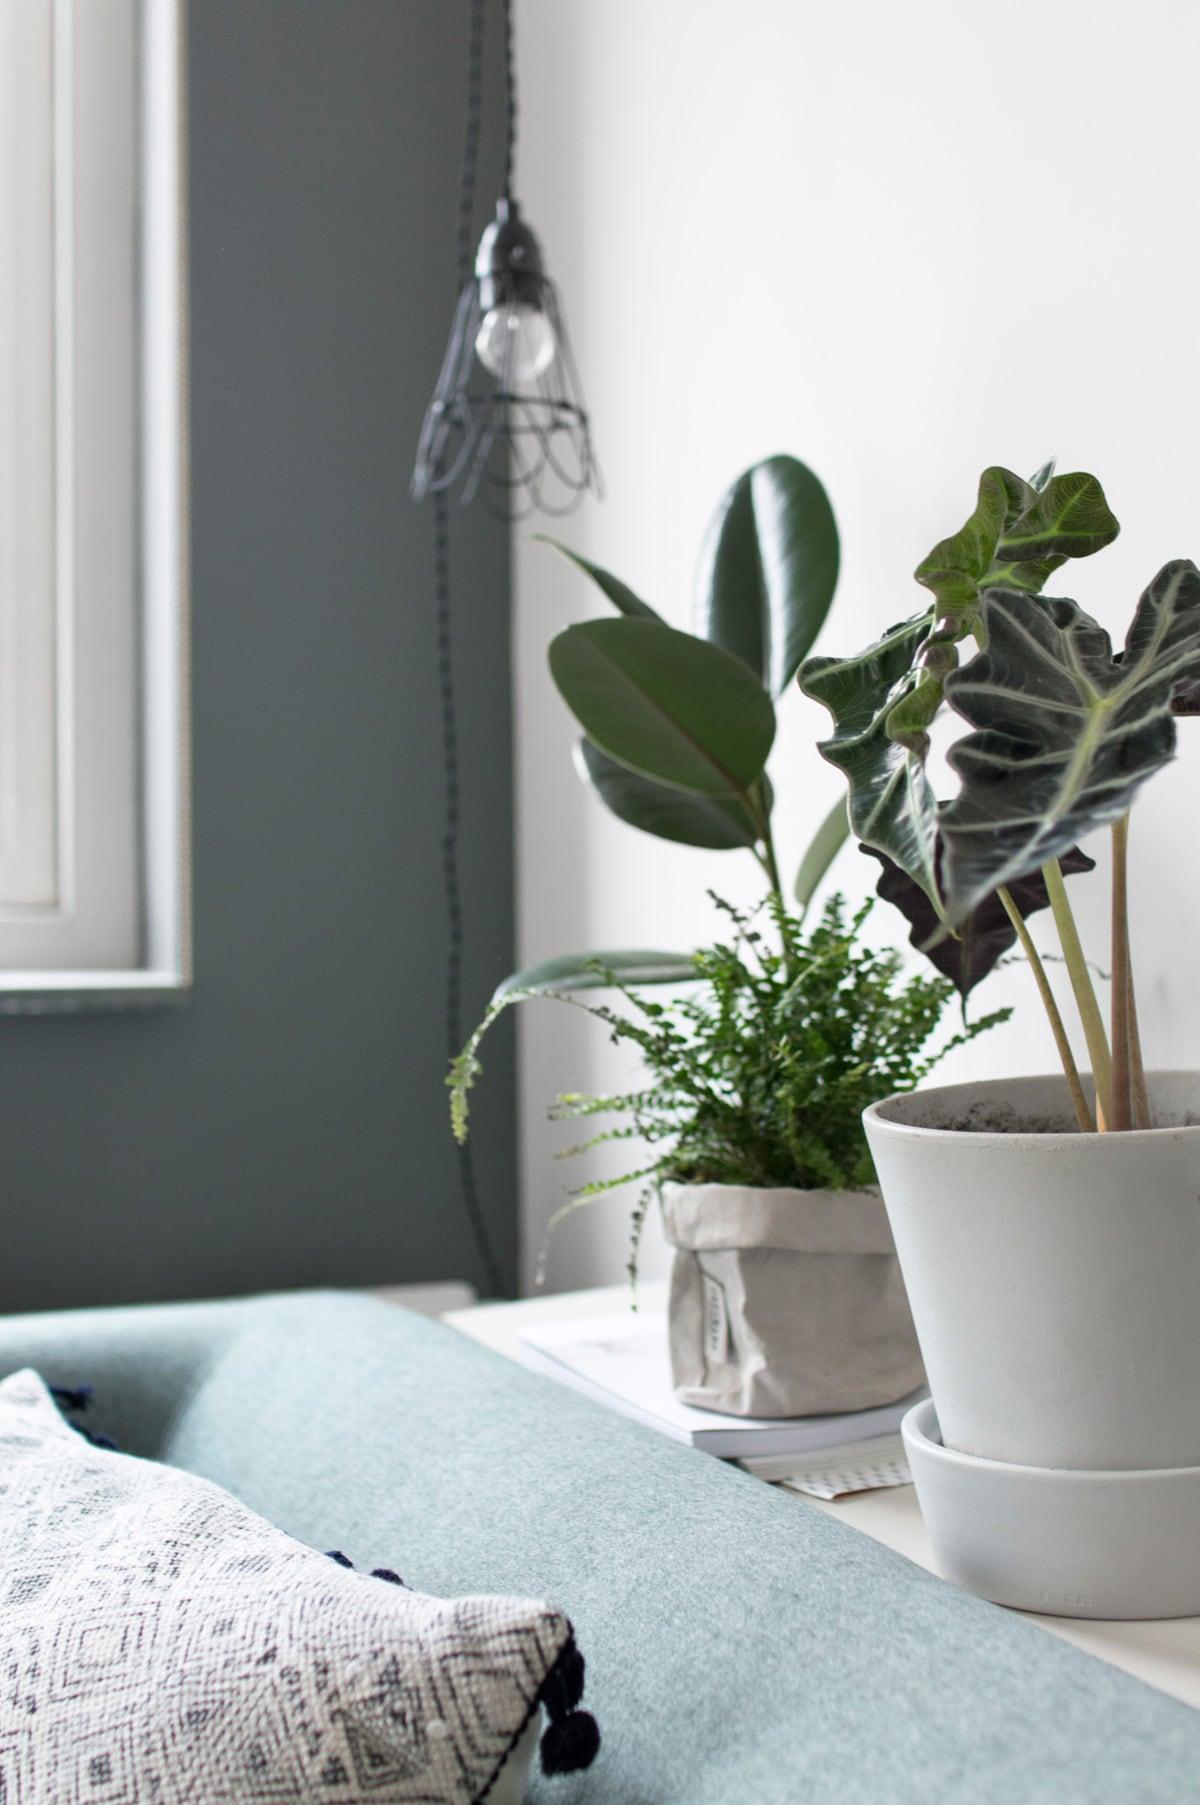 Planten in huis - Tanja van Hoogdalem